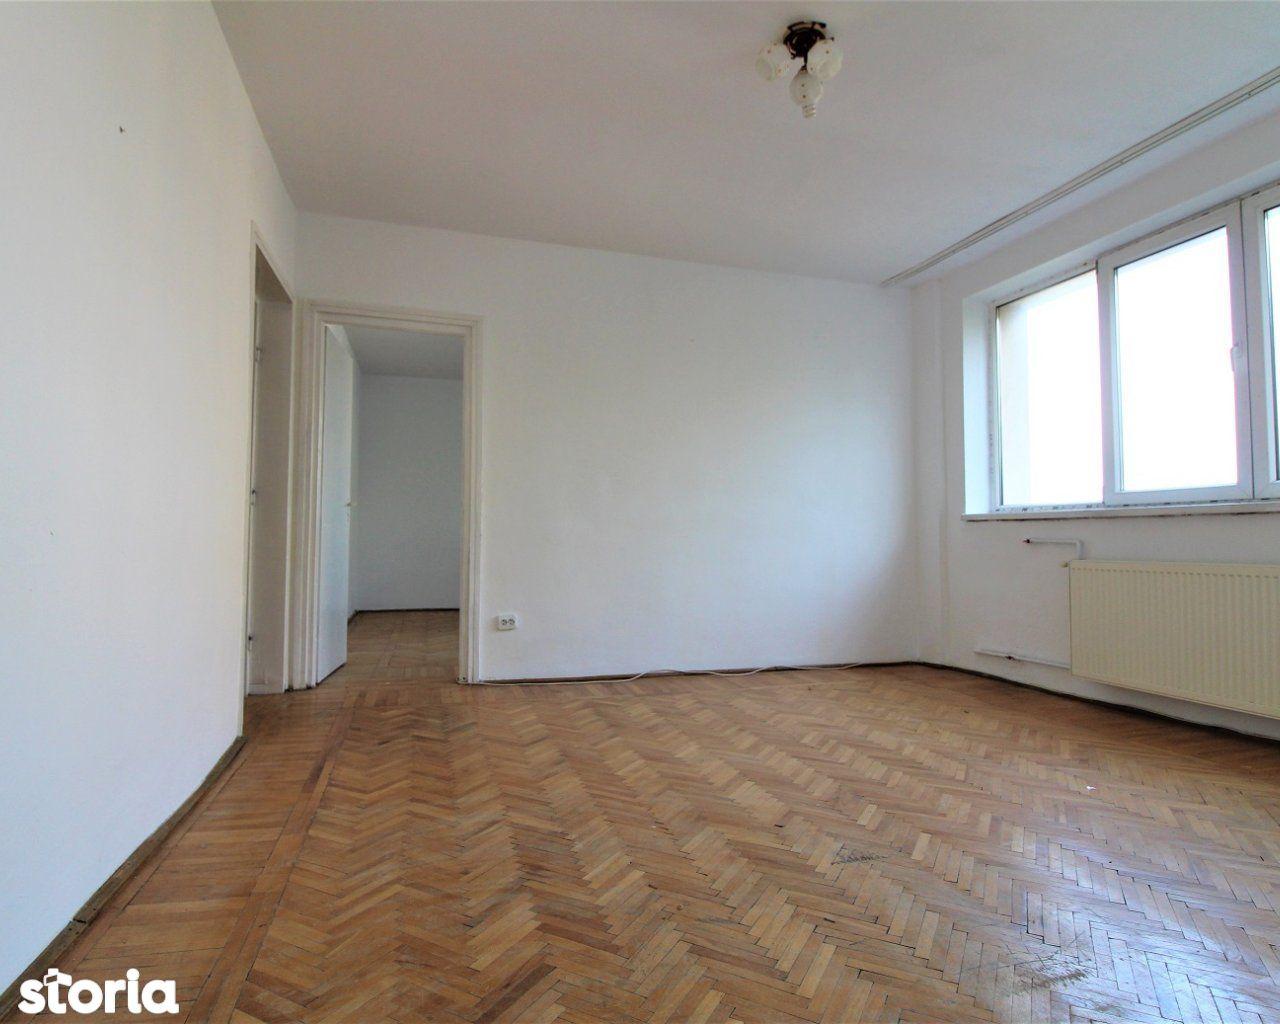 Apartament de vanzare, București (judet), Gara de Nord - Foto 9